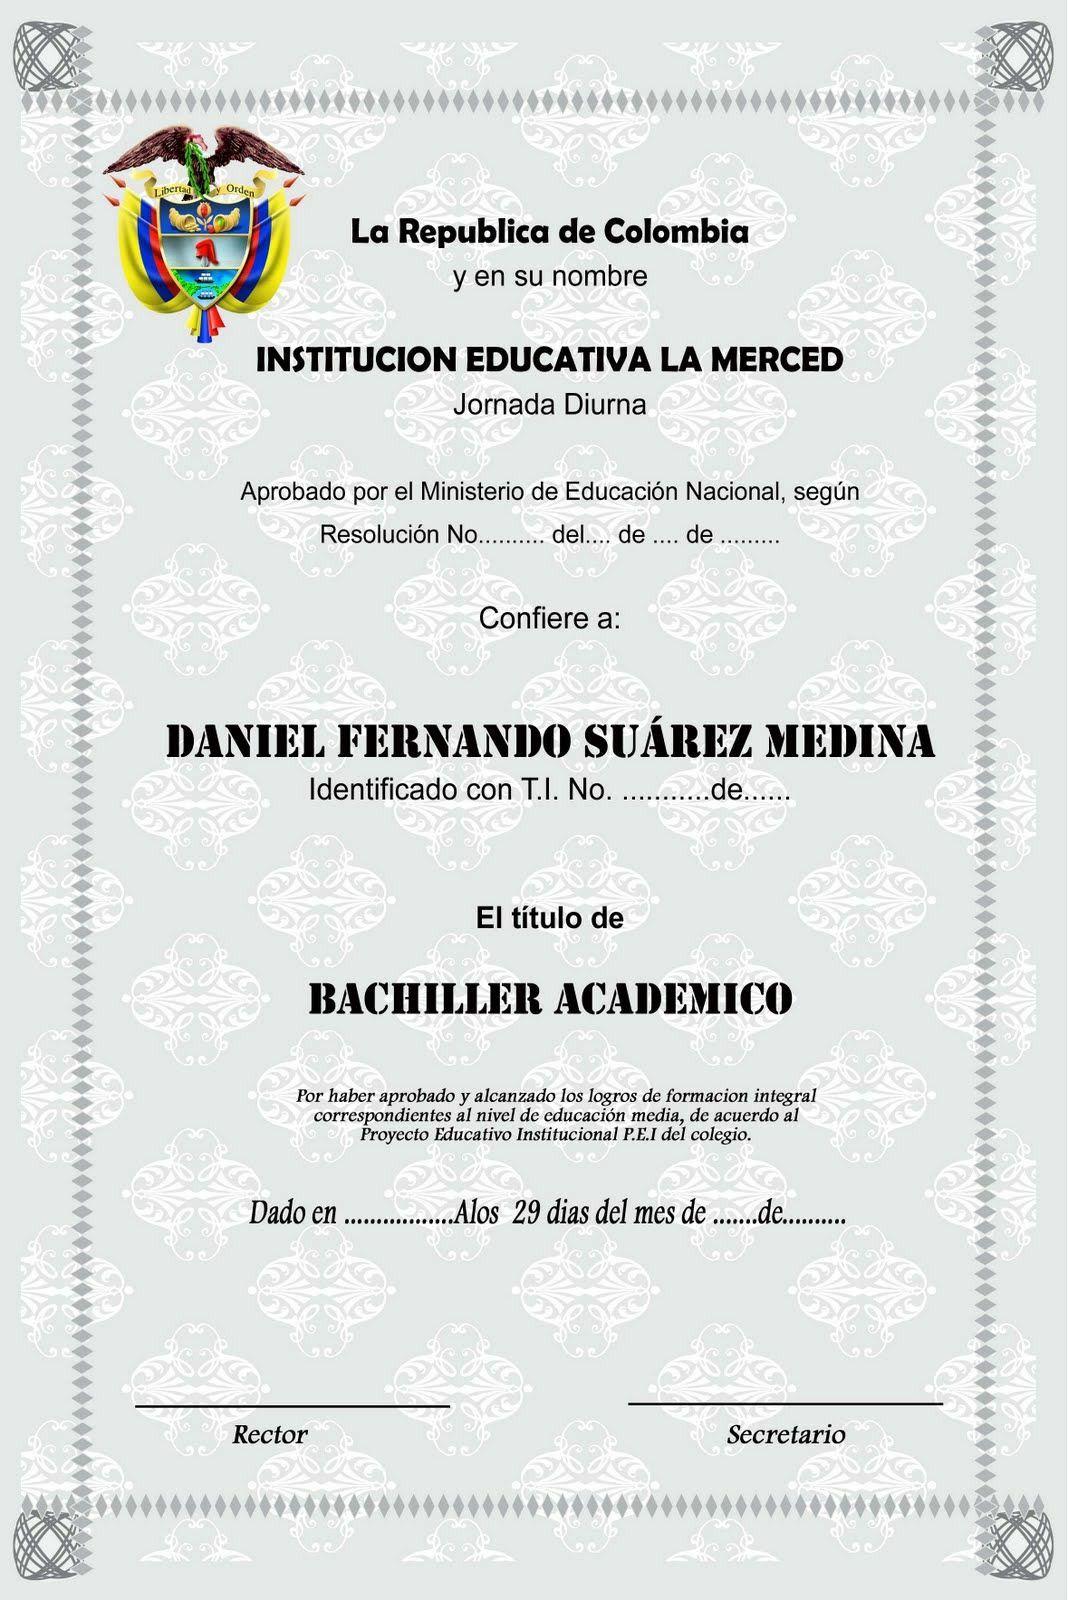 Broche de Yudis Edith para títulos, diplomas y diplomas de reconocimiento